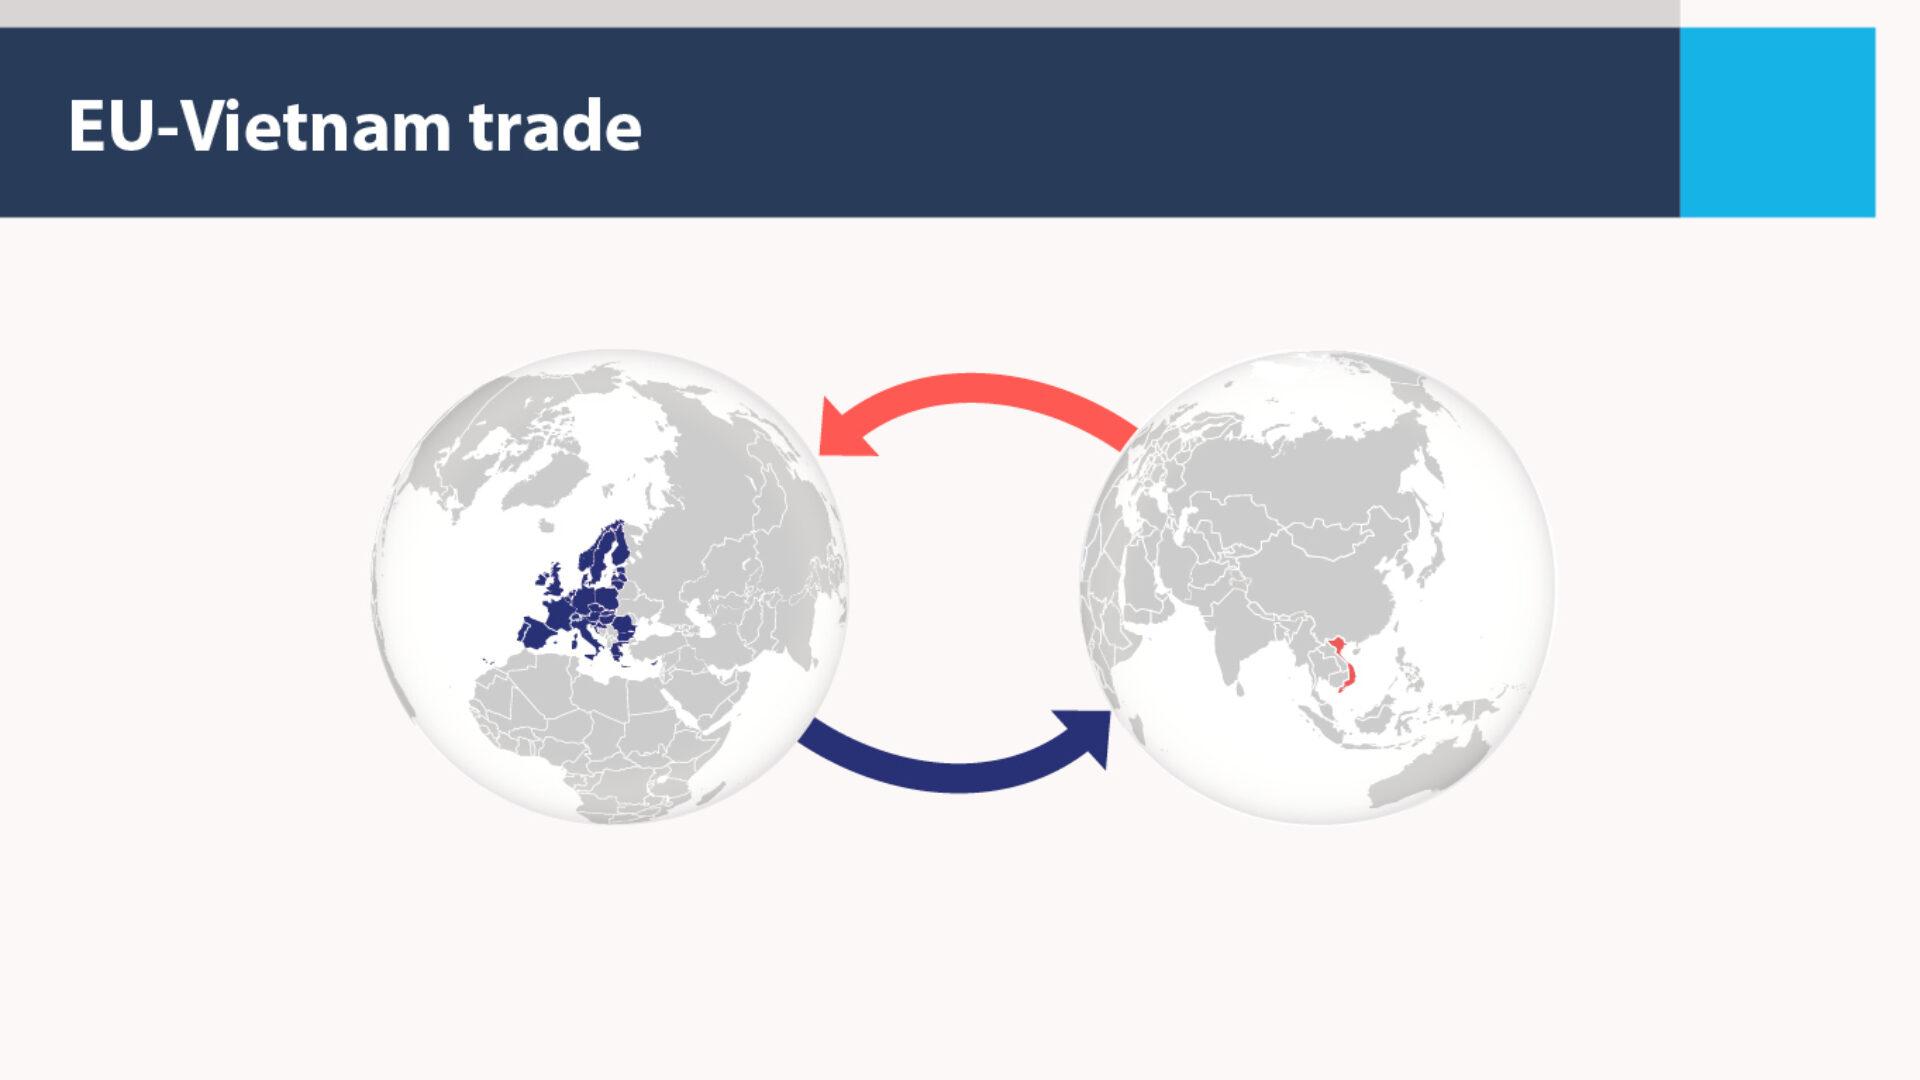 Các Nghị sĩ Châu Âu yêu cầu cải thiện nhân quyền ở Việt Nam trước khi phê chuẩn EVFTA